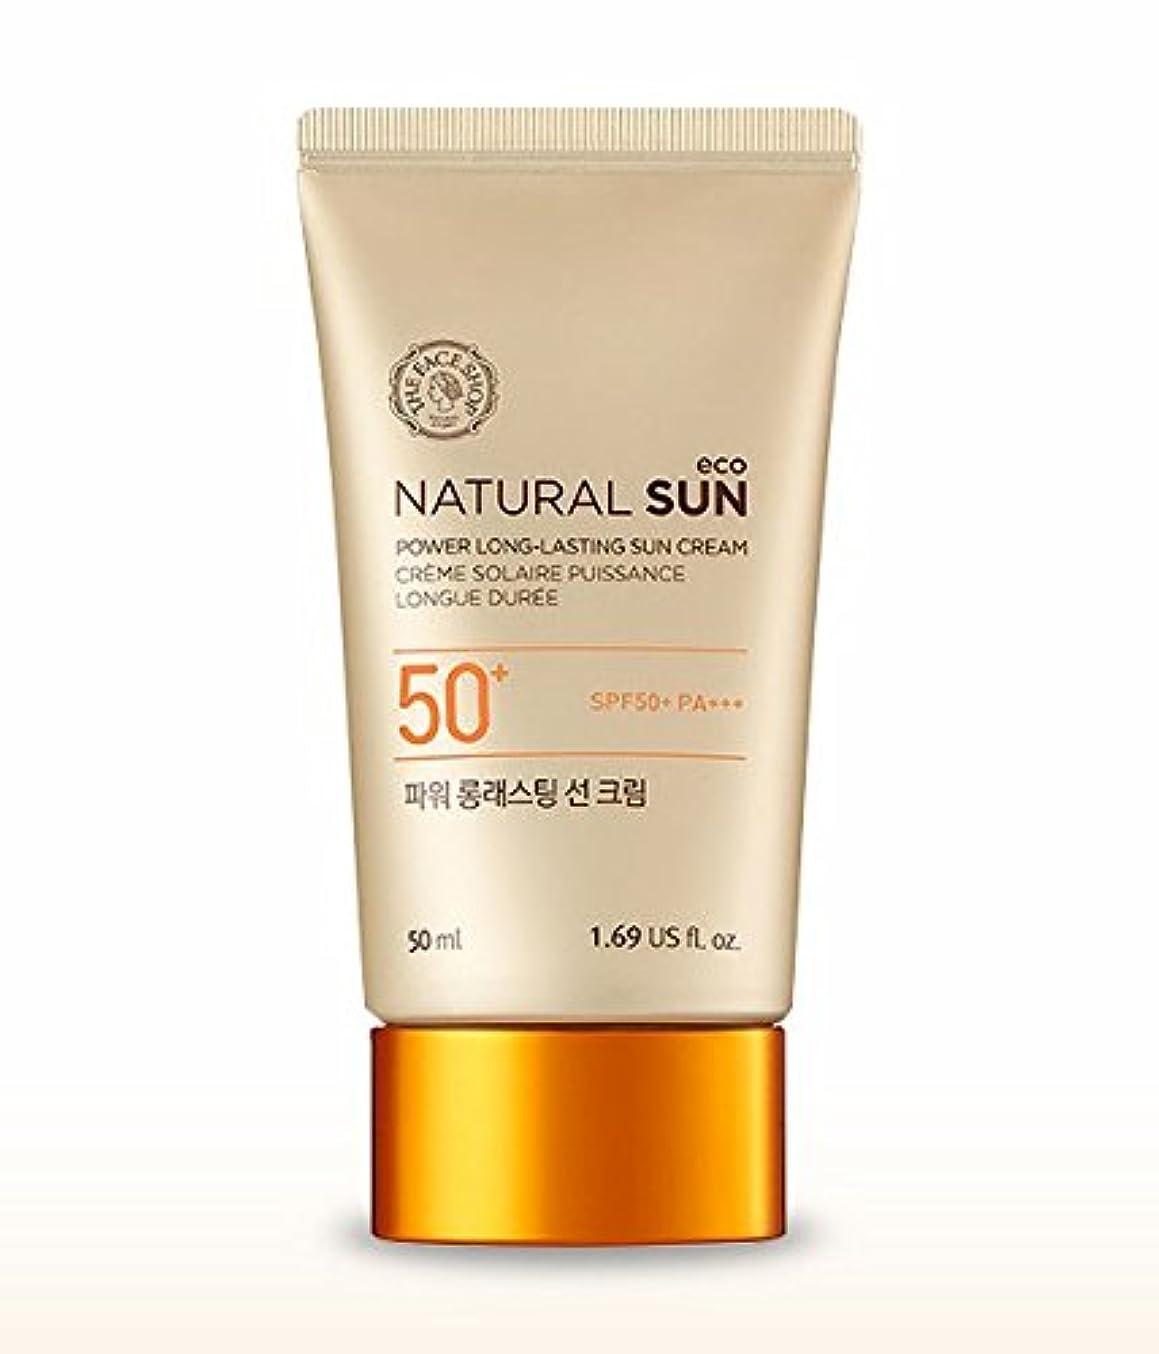 旋律的ホームレス悲しいTHE FACE SHOP Natural Sun Eco Power Long Lasting Sun Cream 50mlザフェイスショップ ナチュラルサンパワーロングラスティングサンクリーム [並行輸入品]